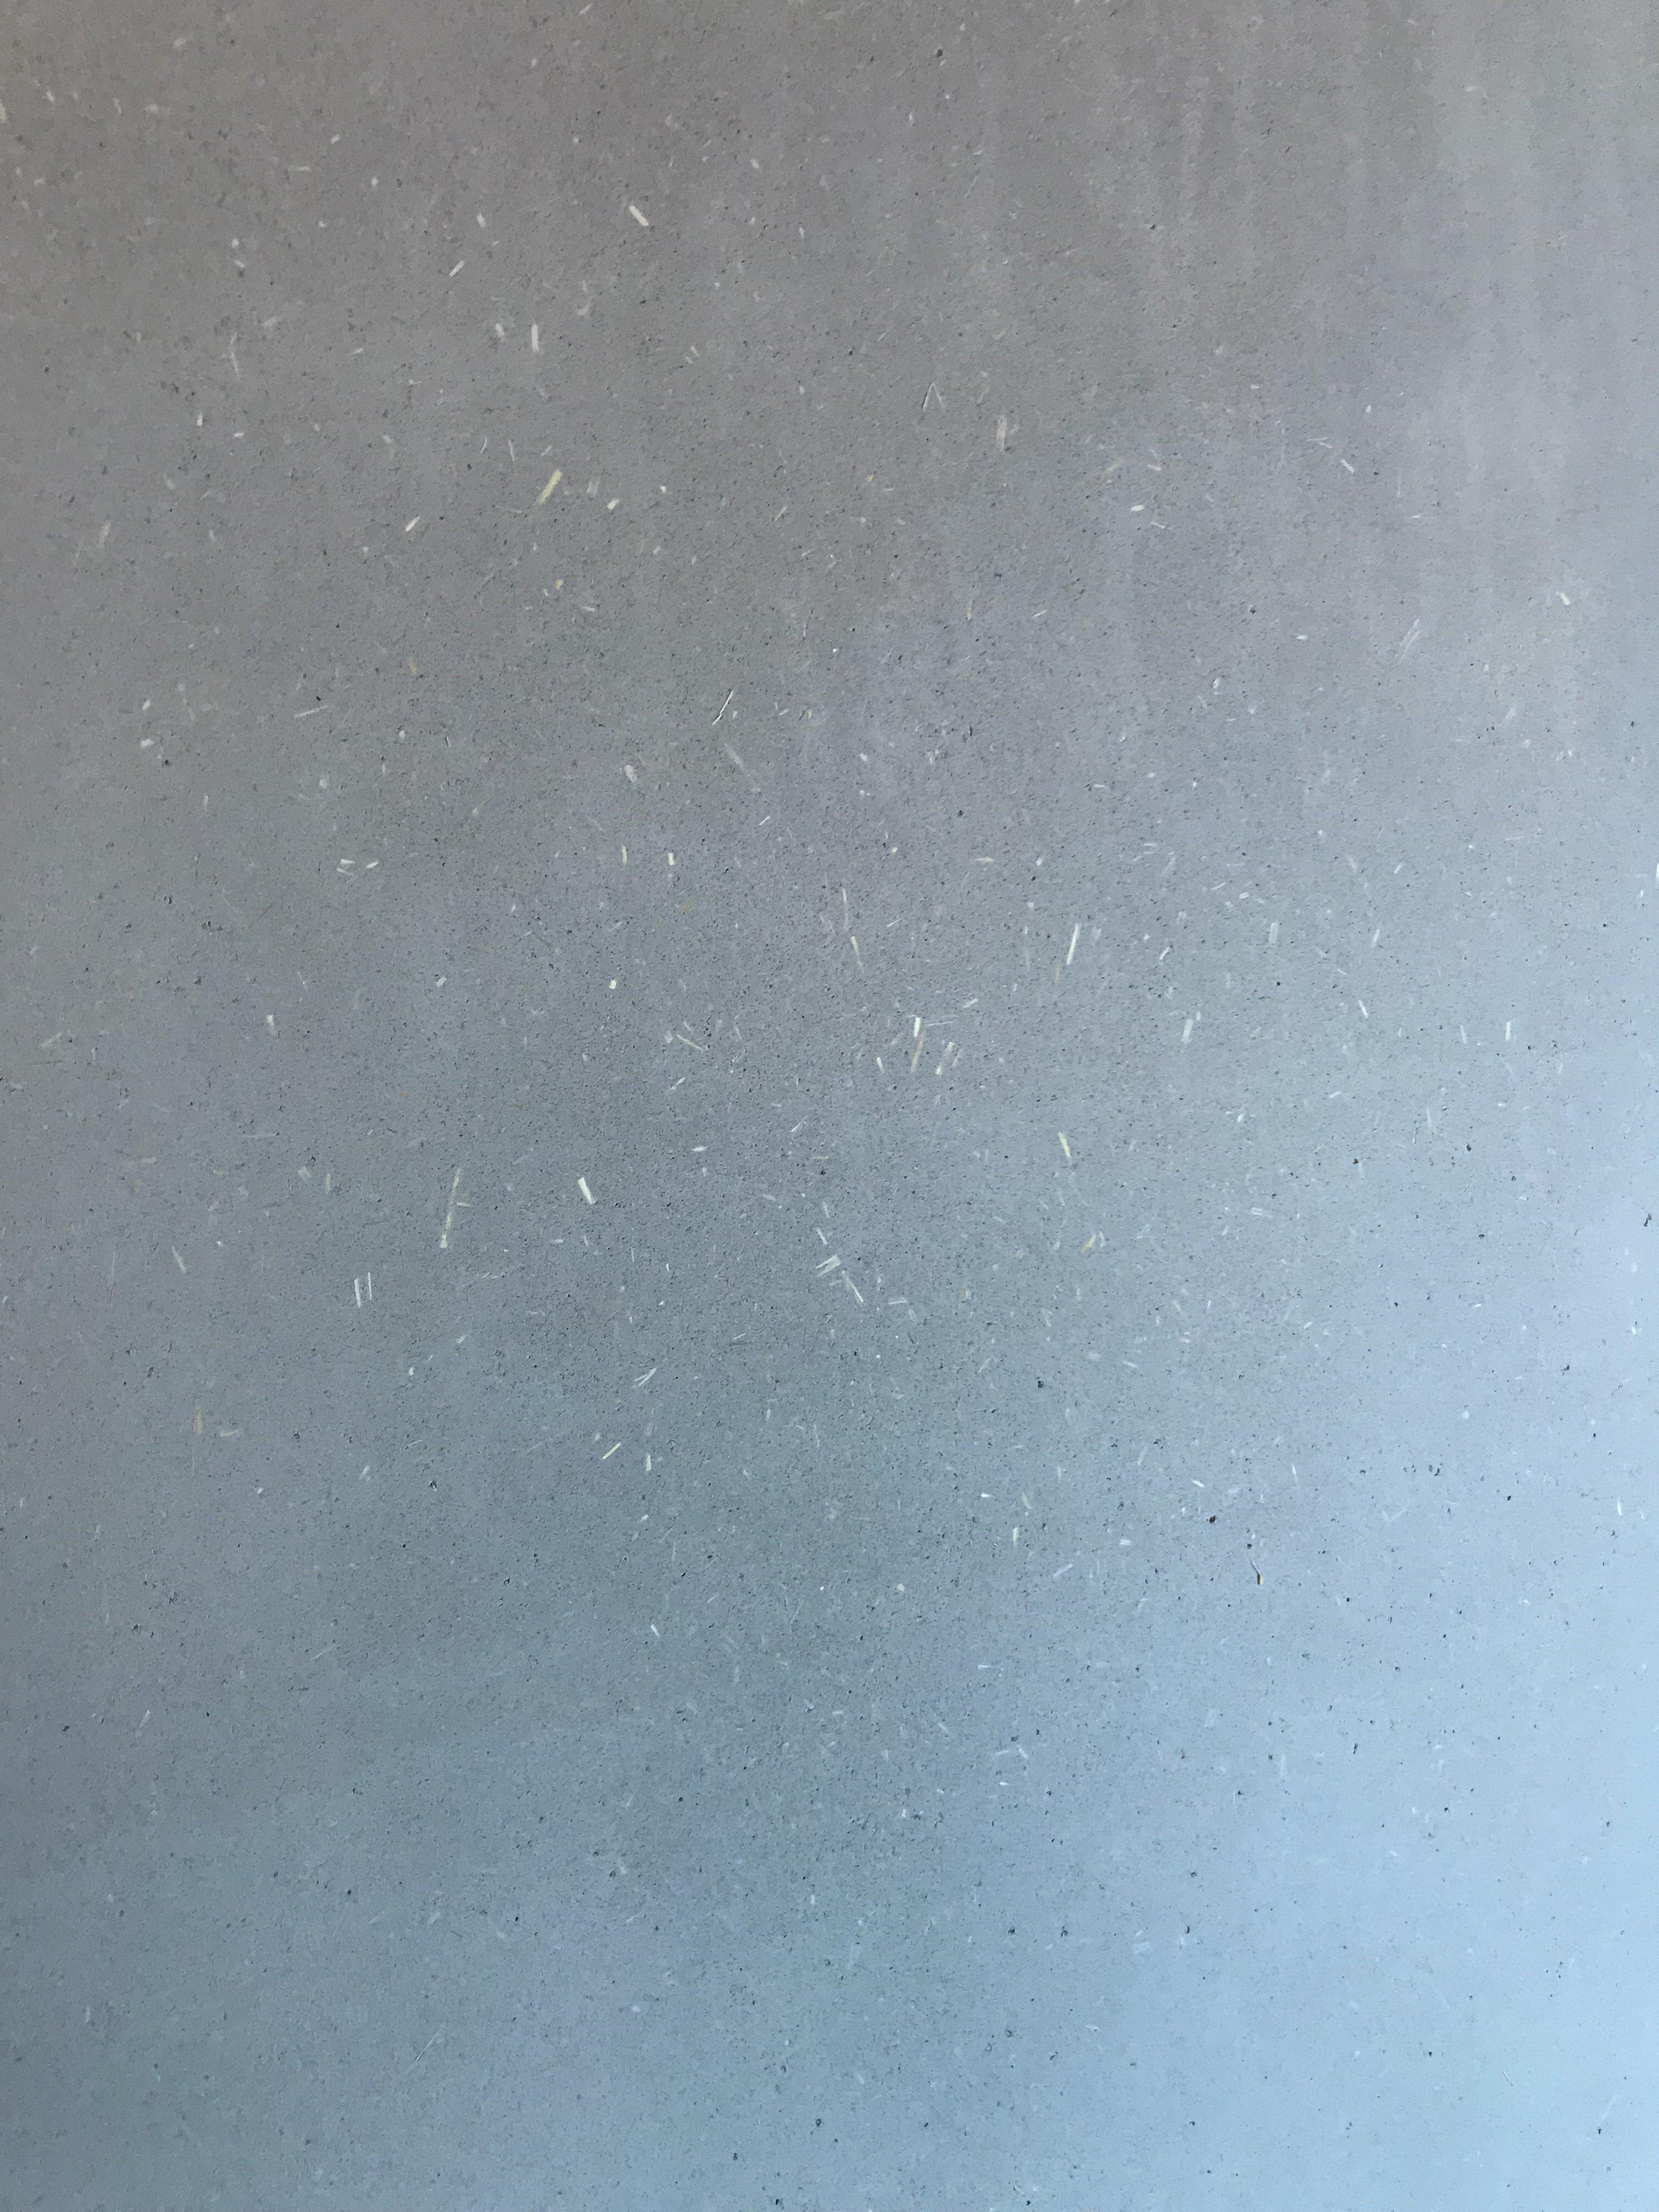 FD4F68FC-F0CD-498C-9916-1FD0987CAB5D.jpeg